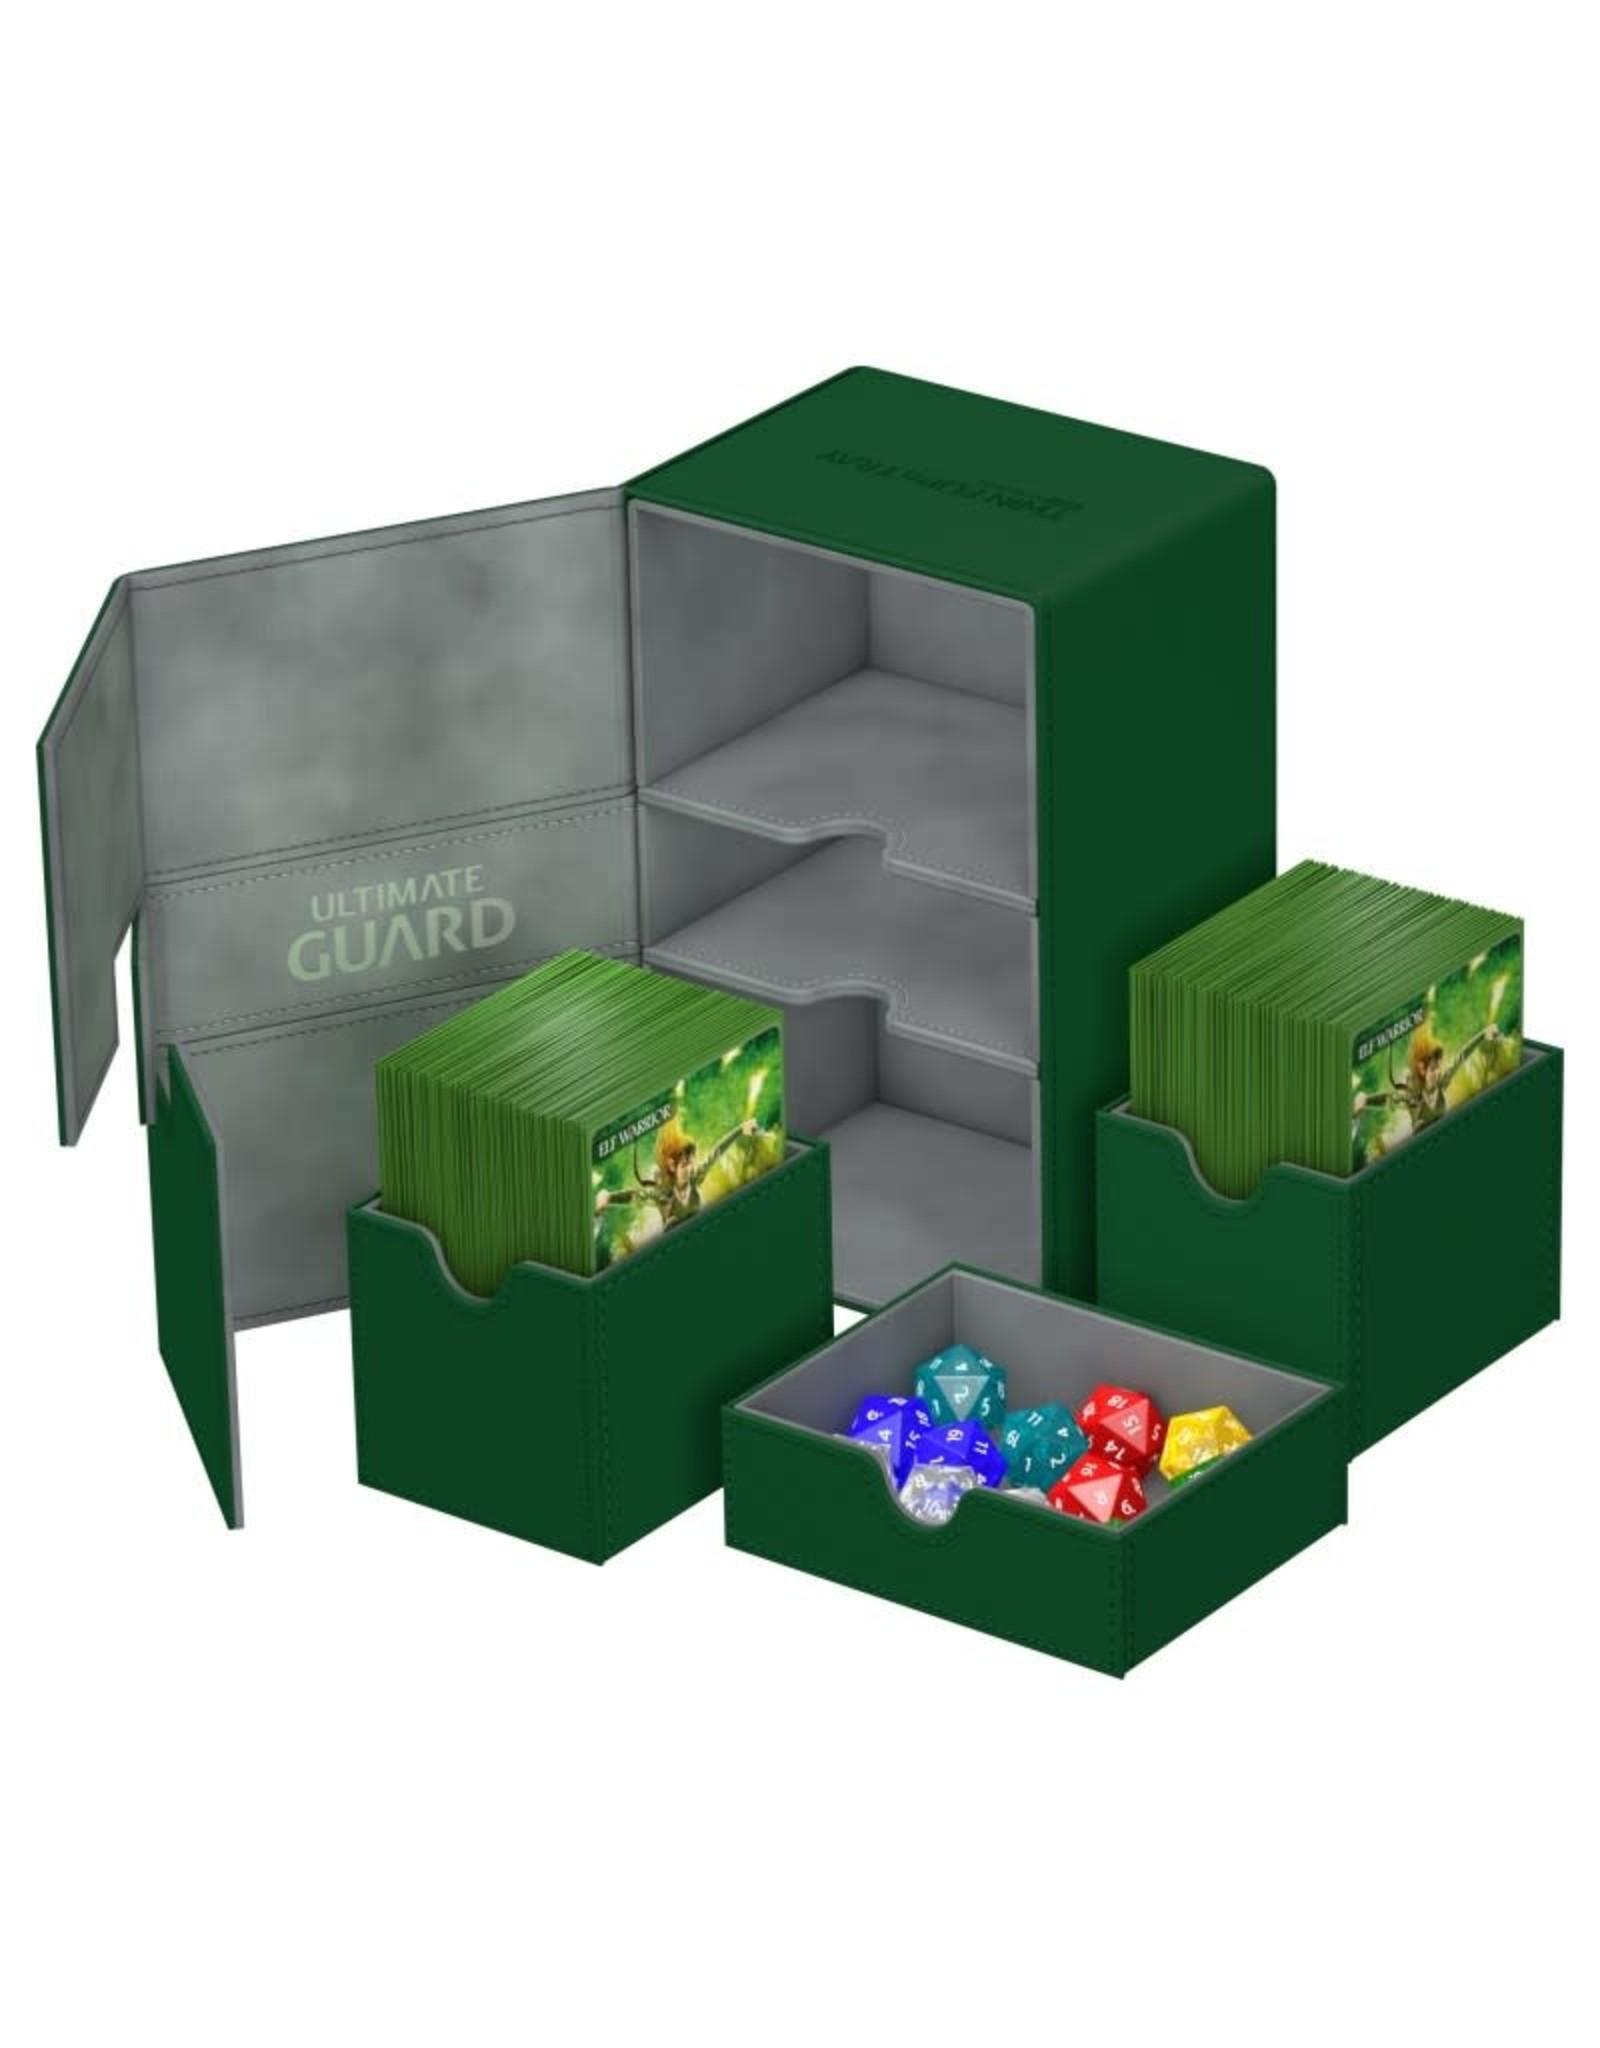 Ultimate Guard Flip'n'Tray Xenoskin Deck Case